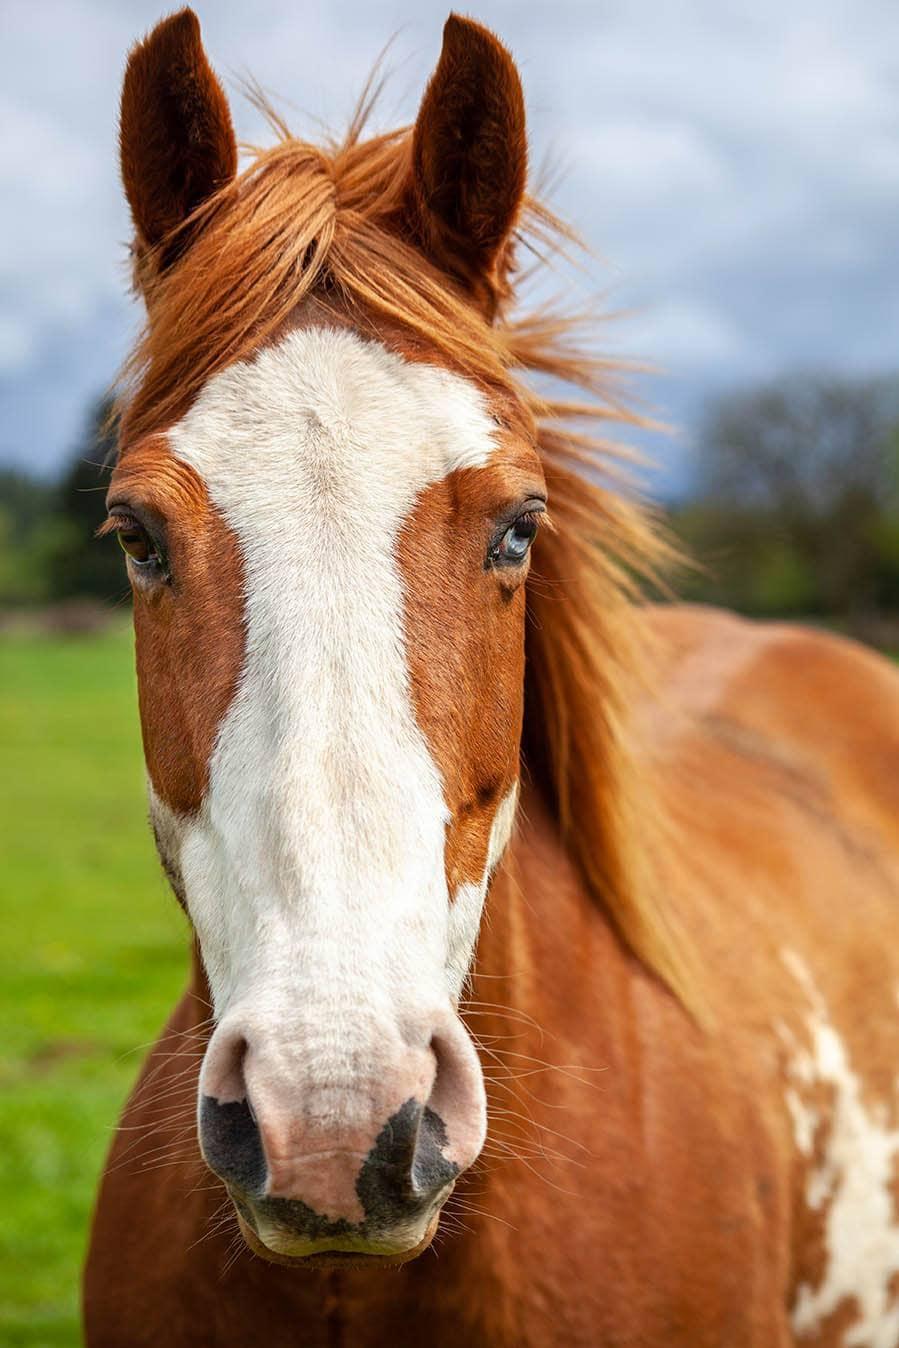 overo horse close up